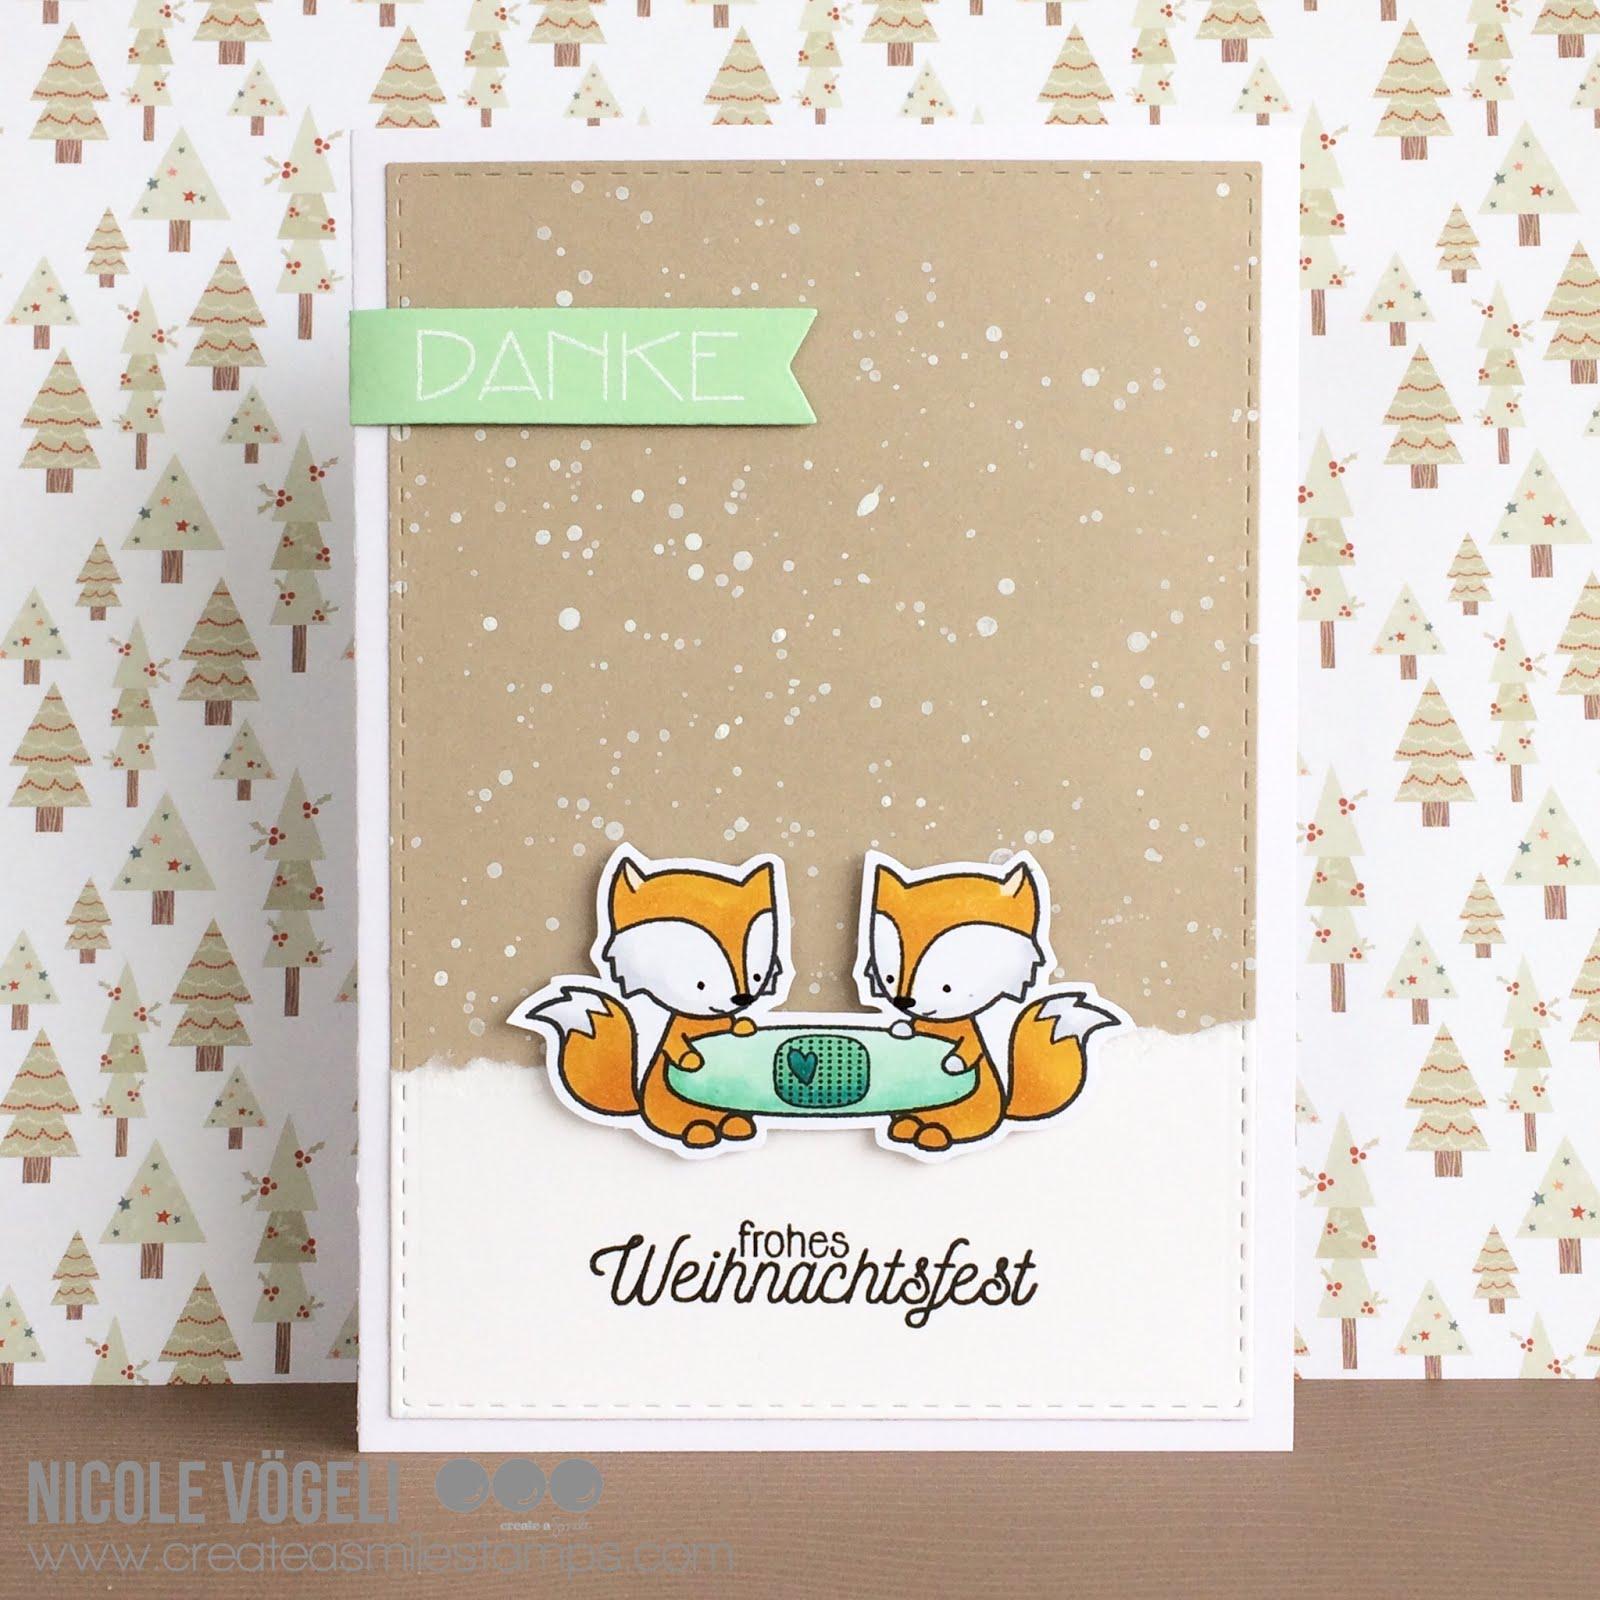 Frau Vögeli: Danke und fröhliche Weihnachten